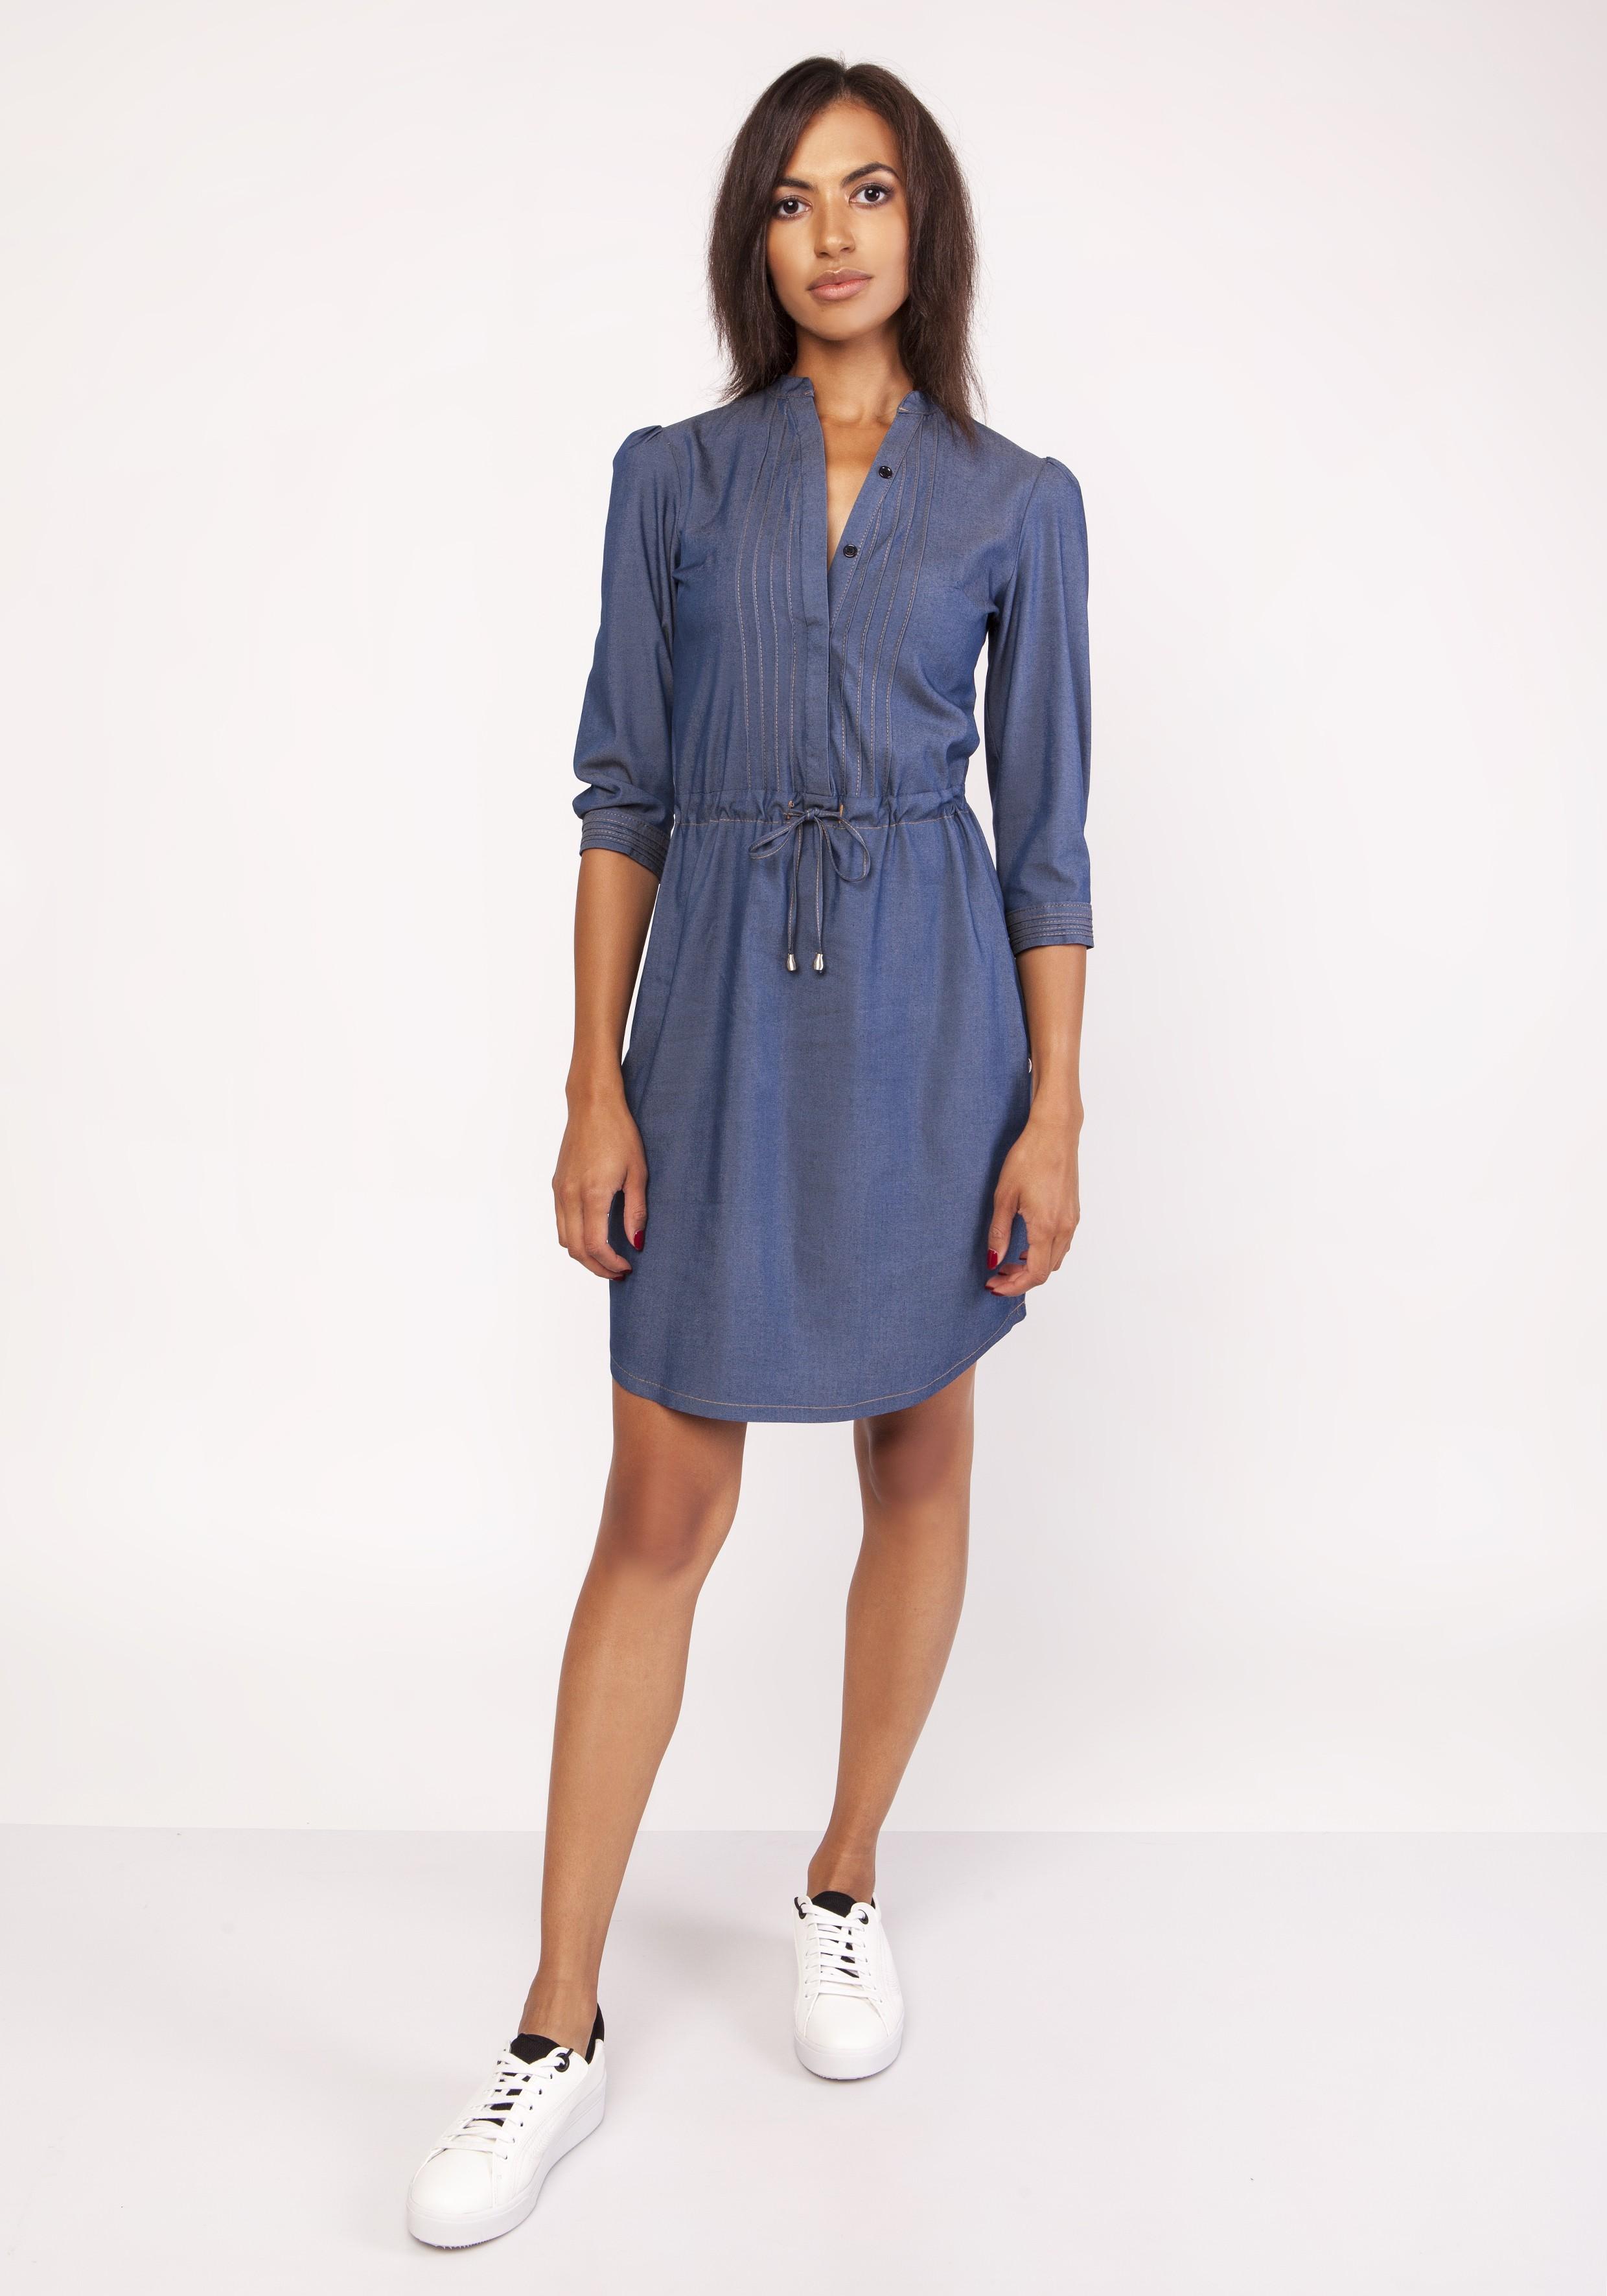 1c5ba03aeb Sukienka koszulowa jeans do kolan - modne sukienki szyte w Polsce